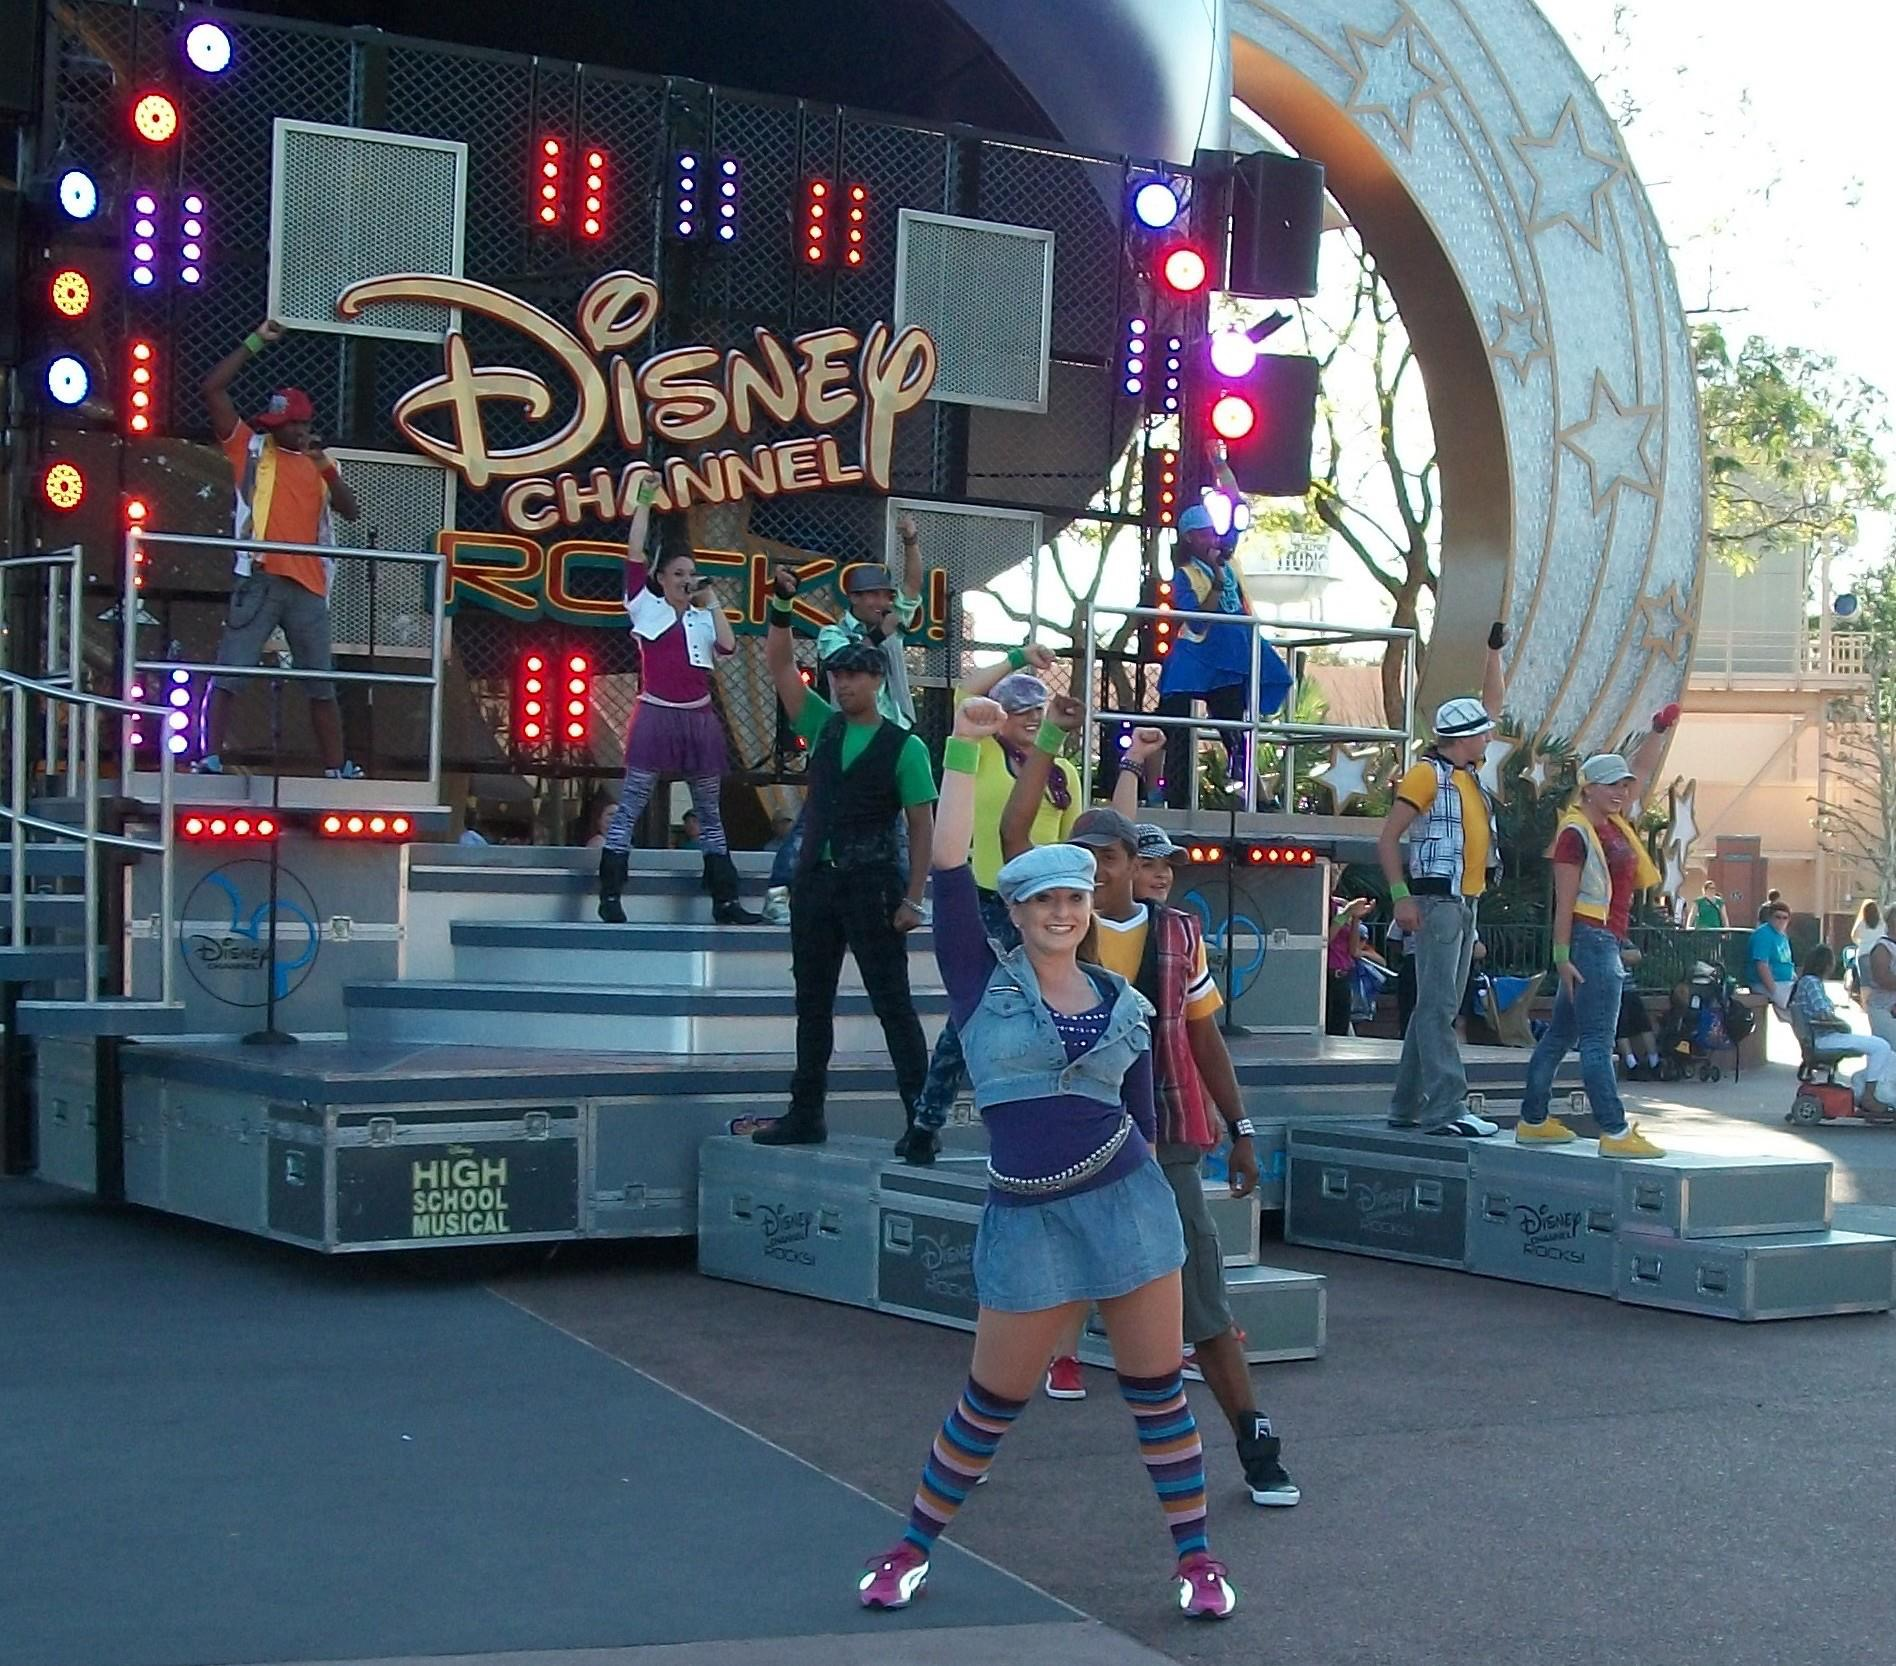 Disney Channel Rocks